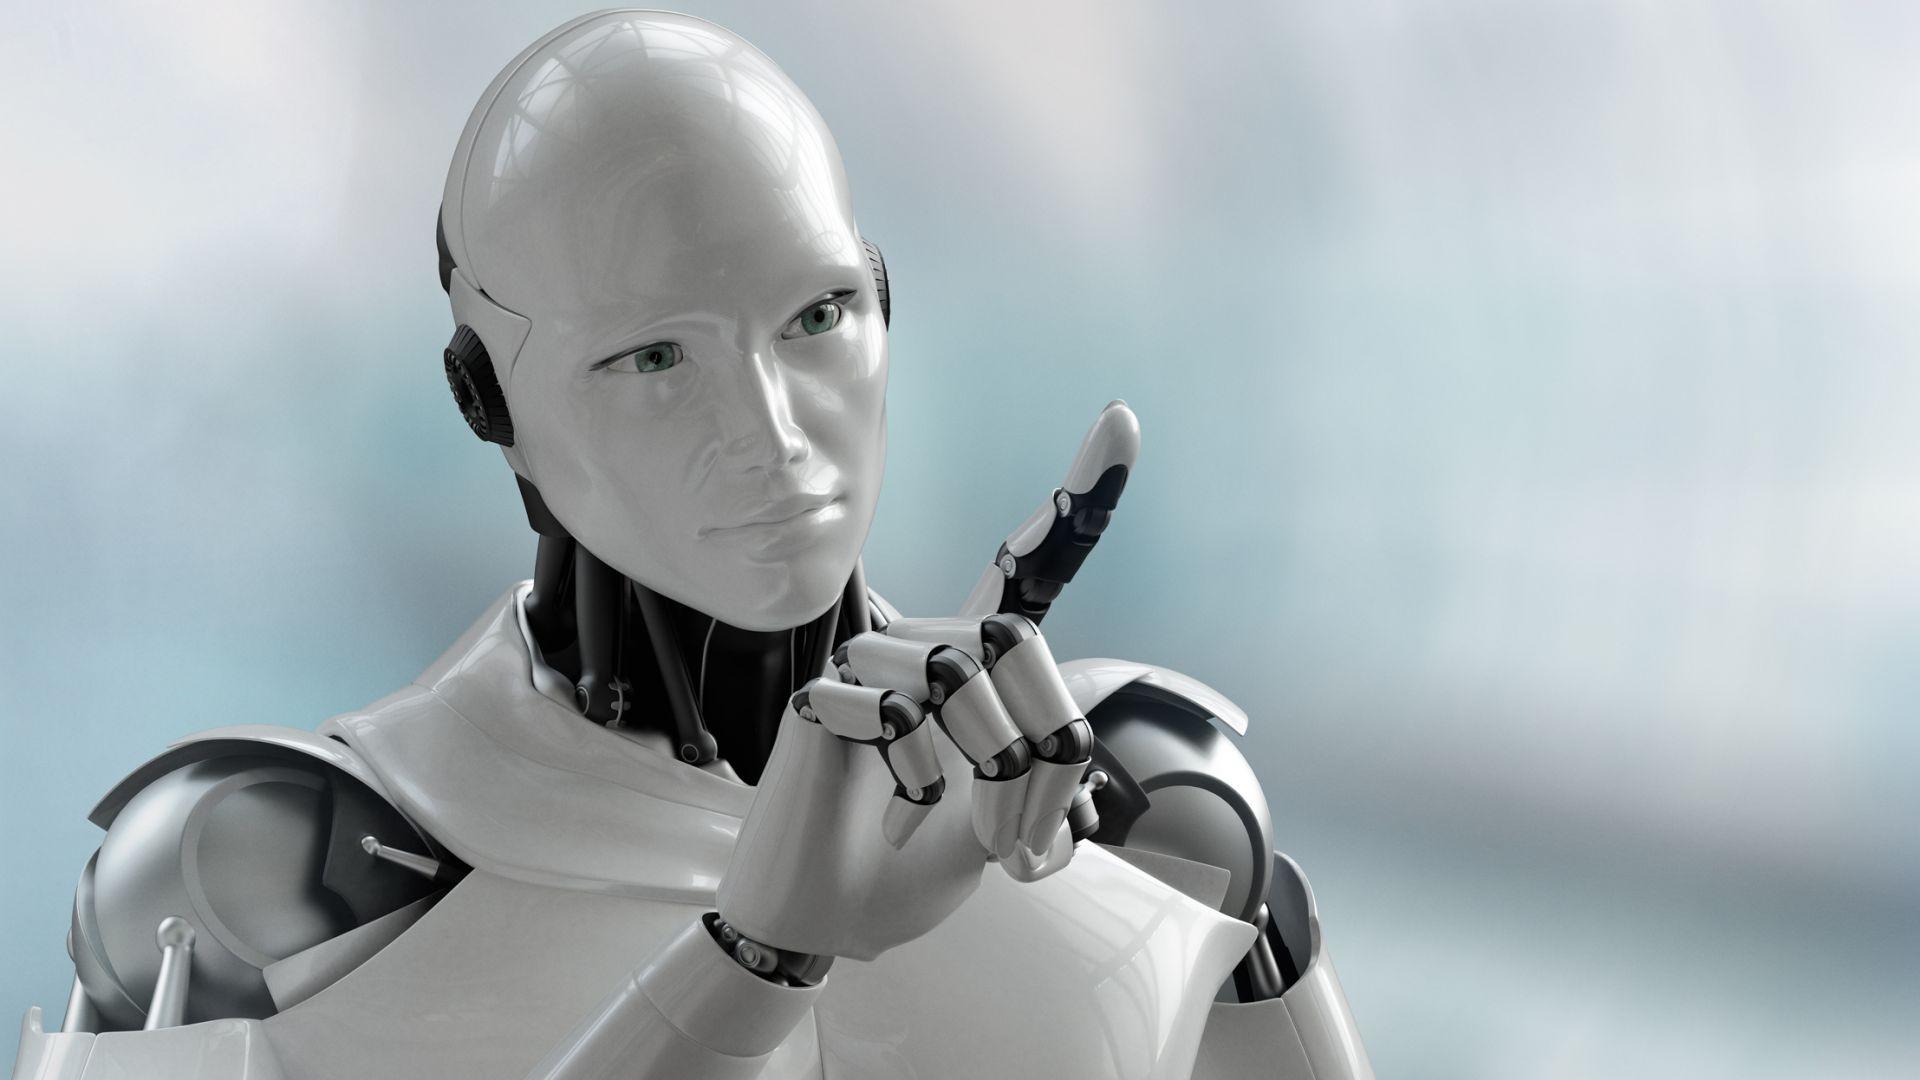 Хора са вбесени от роботи, които им напомнят да спазват социална дистанция